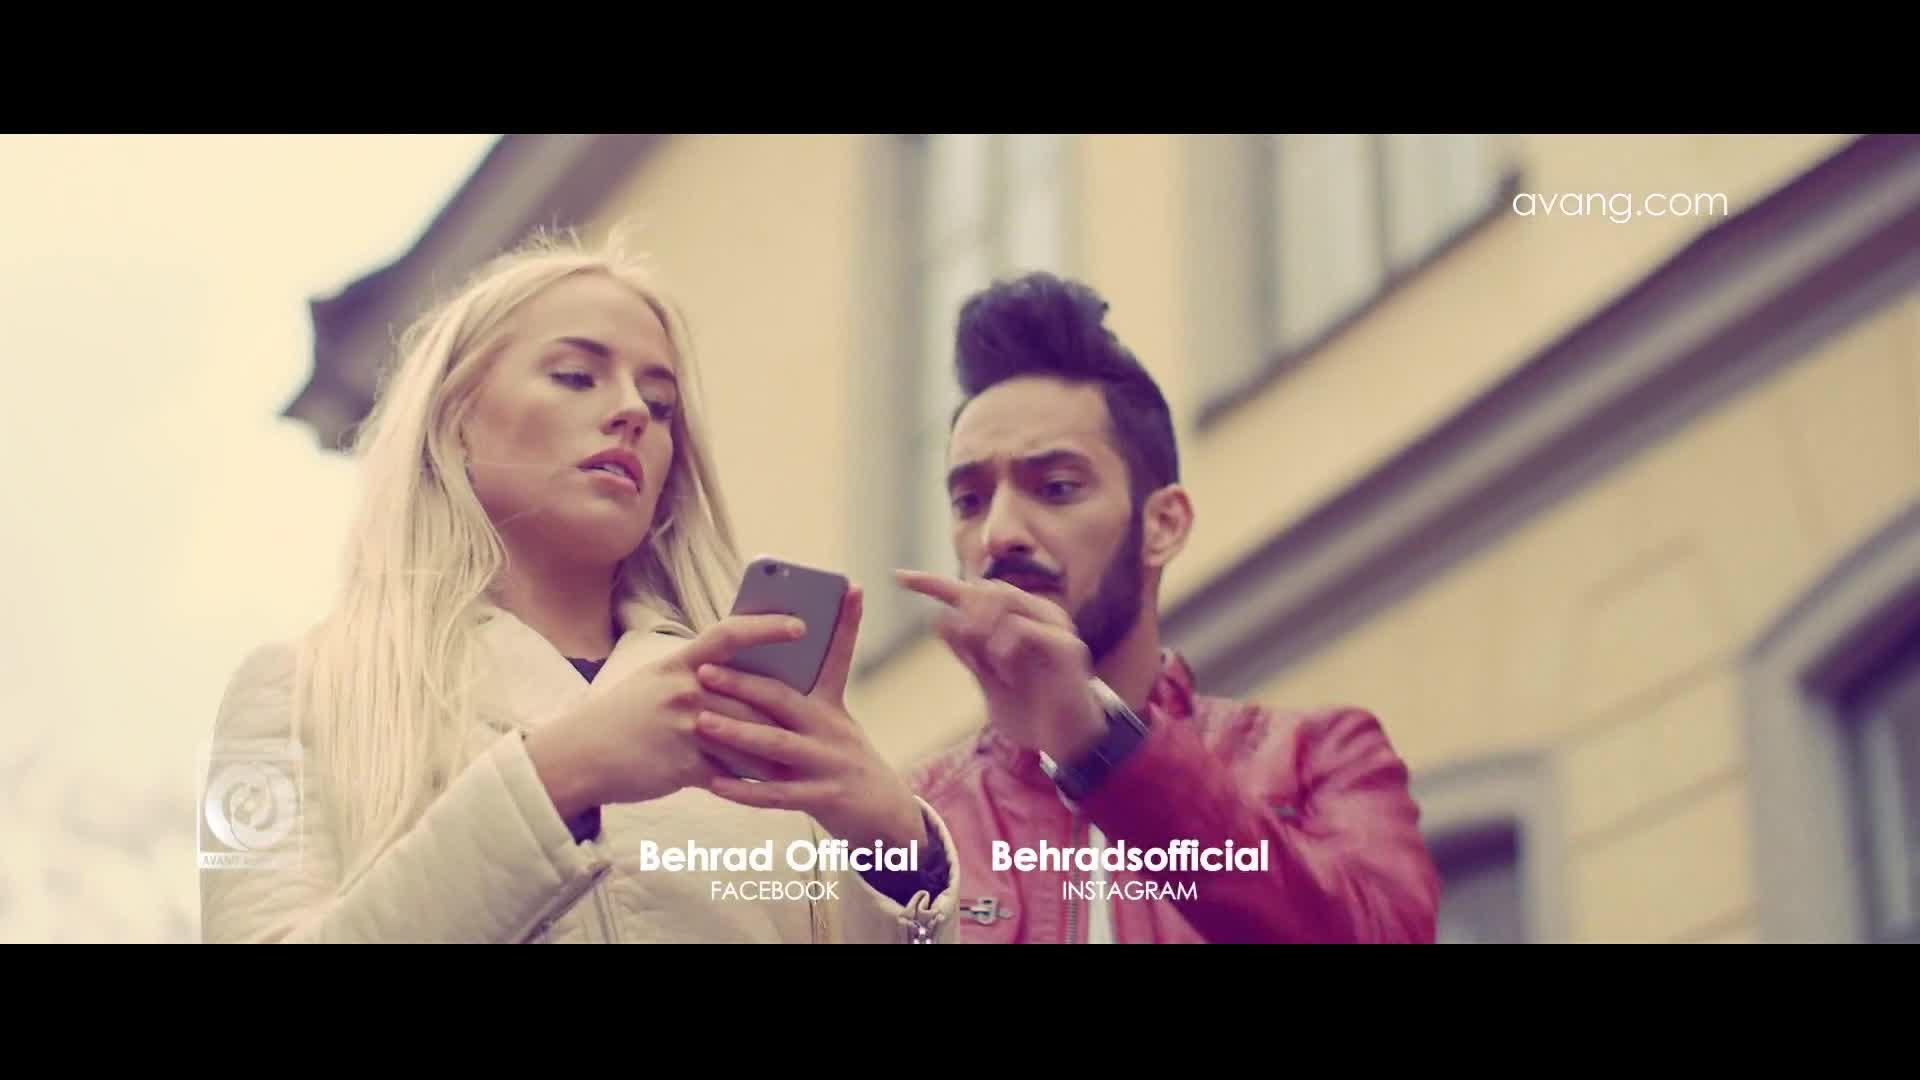 Xem hoạt hình miễn phí Behrad - Asheghetam Official Music Video